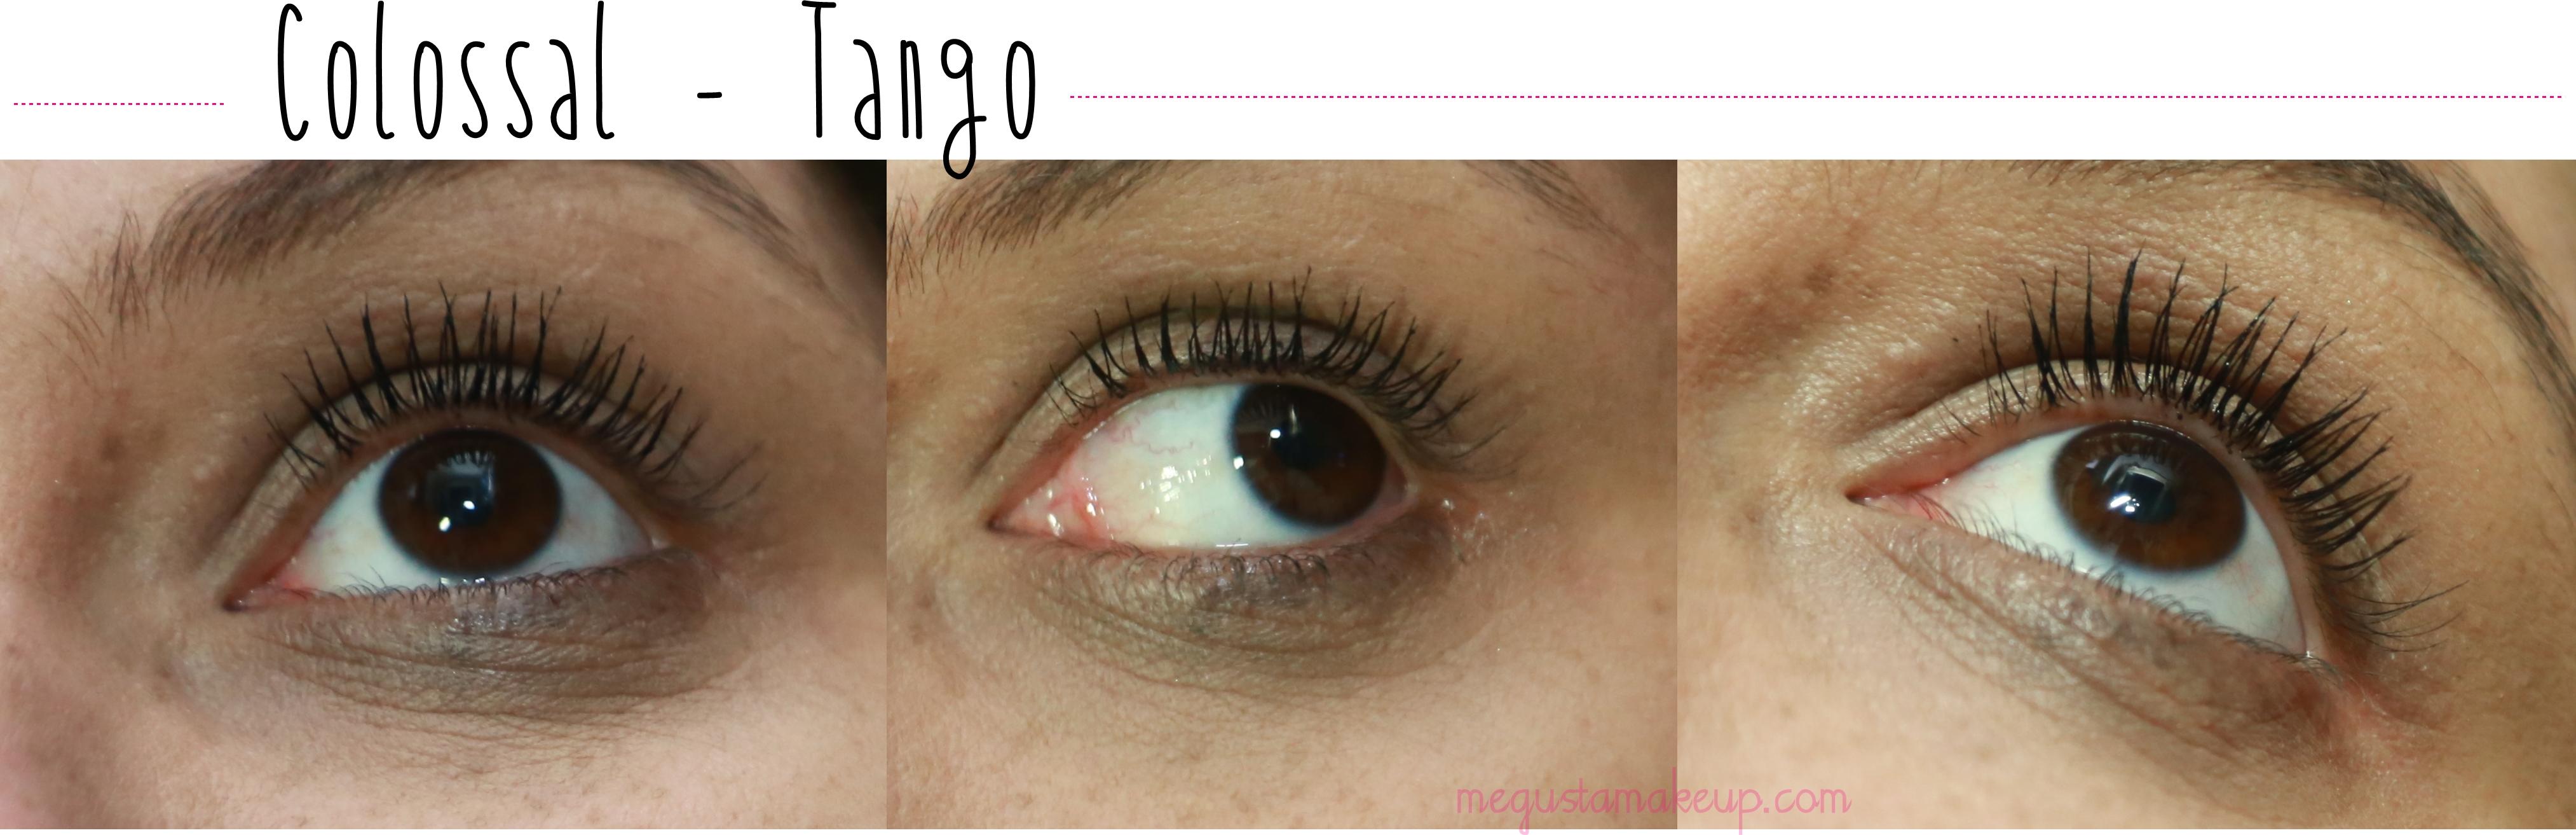 tango - Super Comparação: Mascaras Colossal Maybelline, Colossal Tango e Mega Plush Maybelline